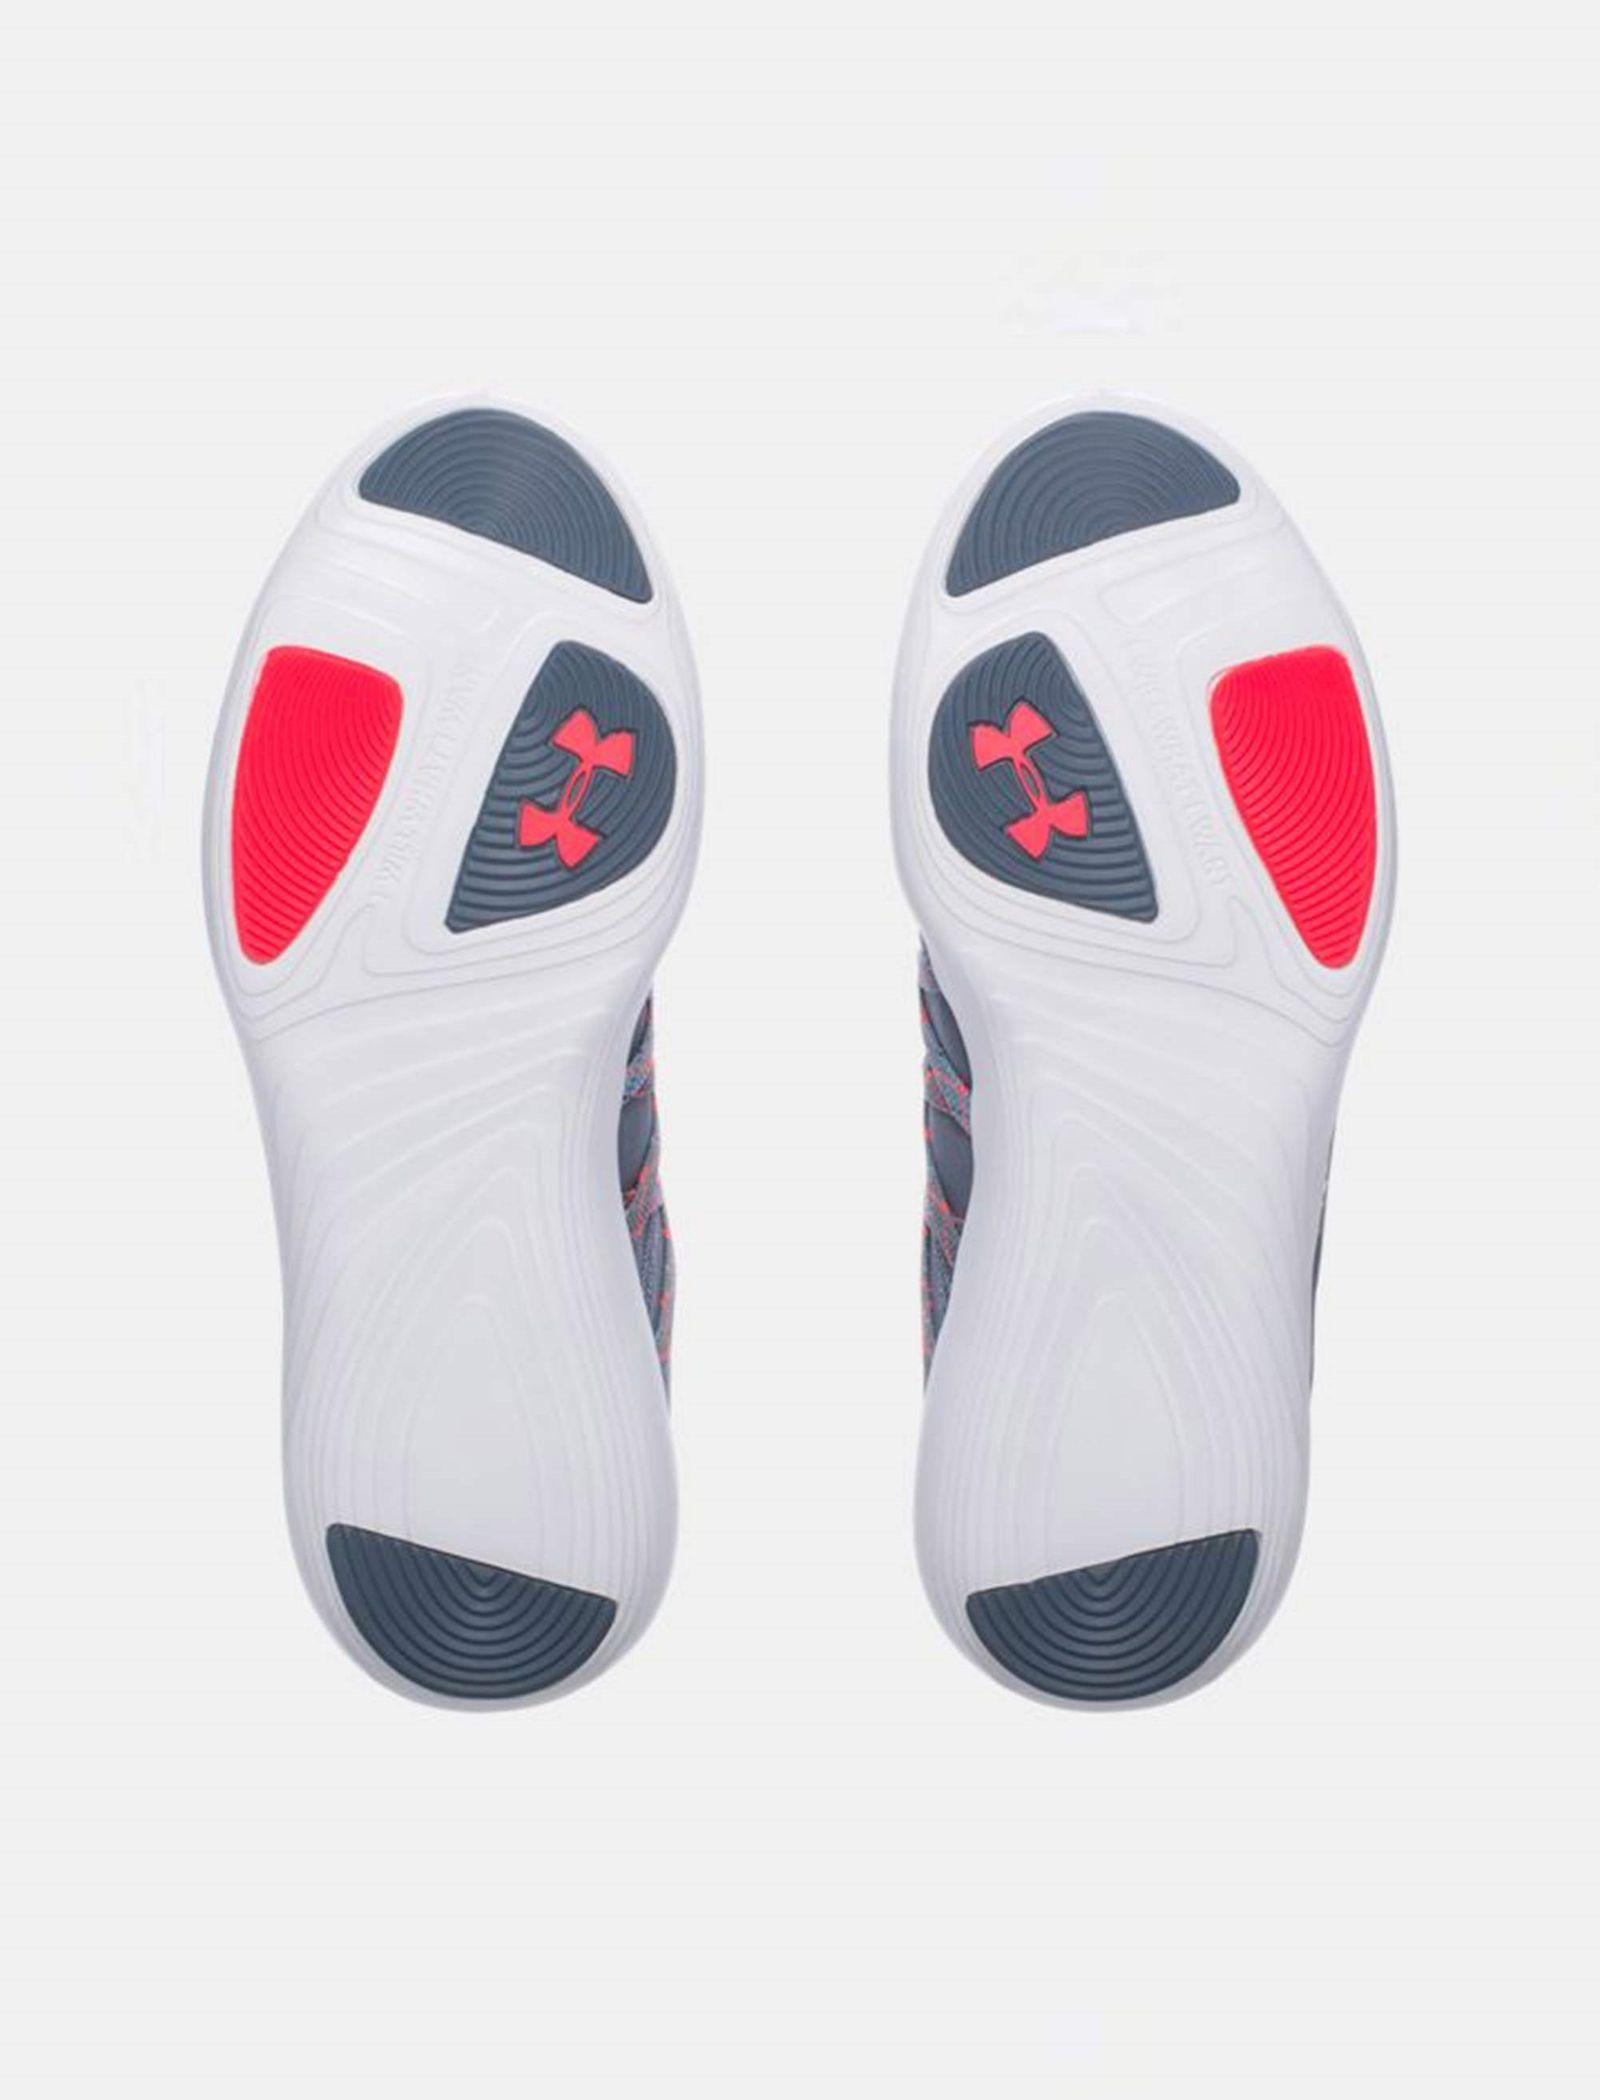 کفش تمرین بندی زنانه - آندر آرمور - طوسي روشن - 4